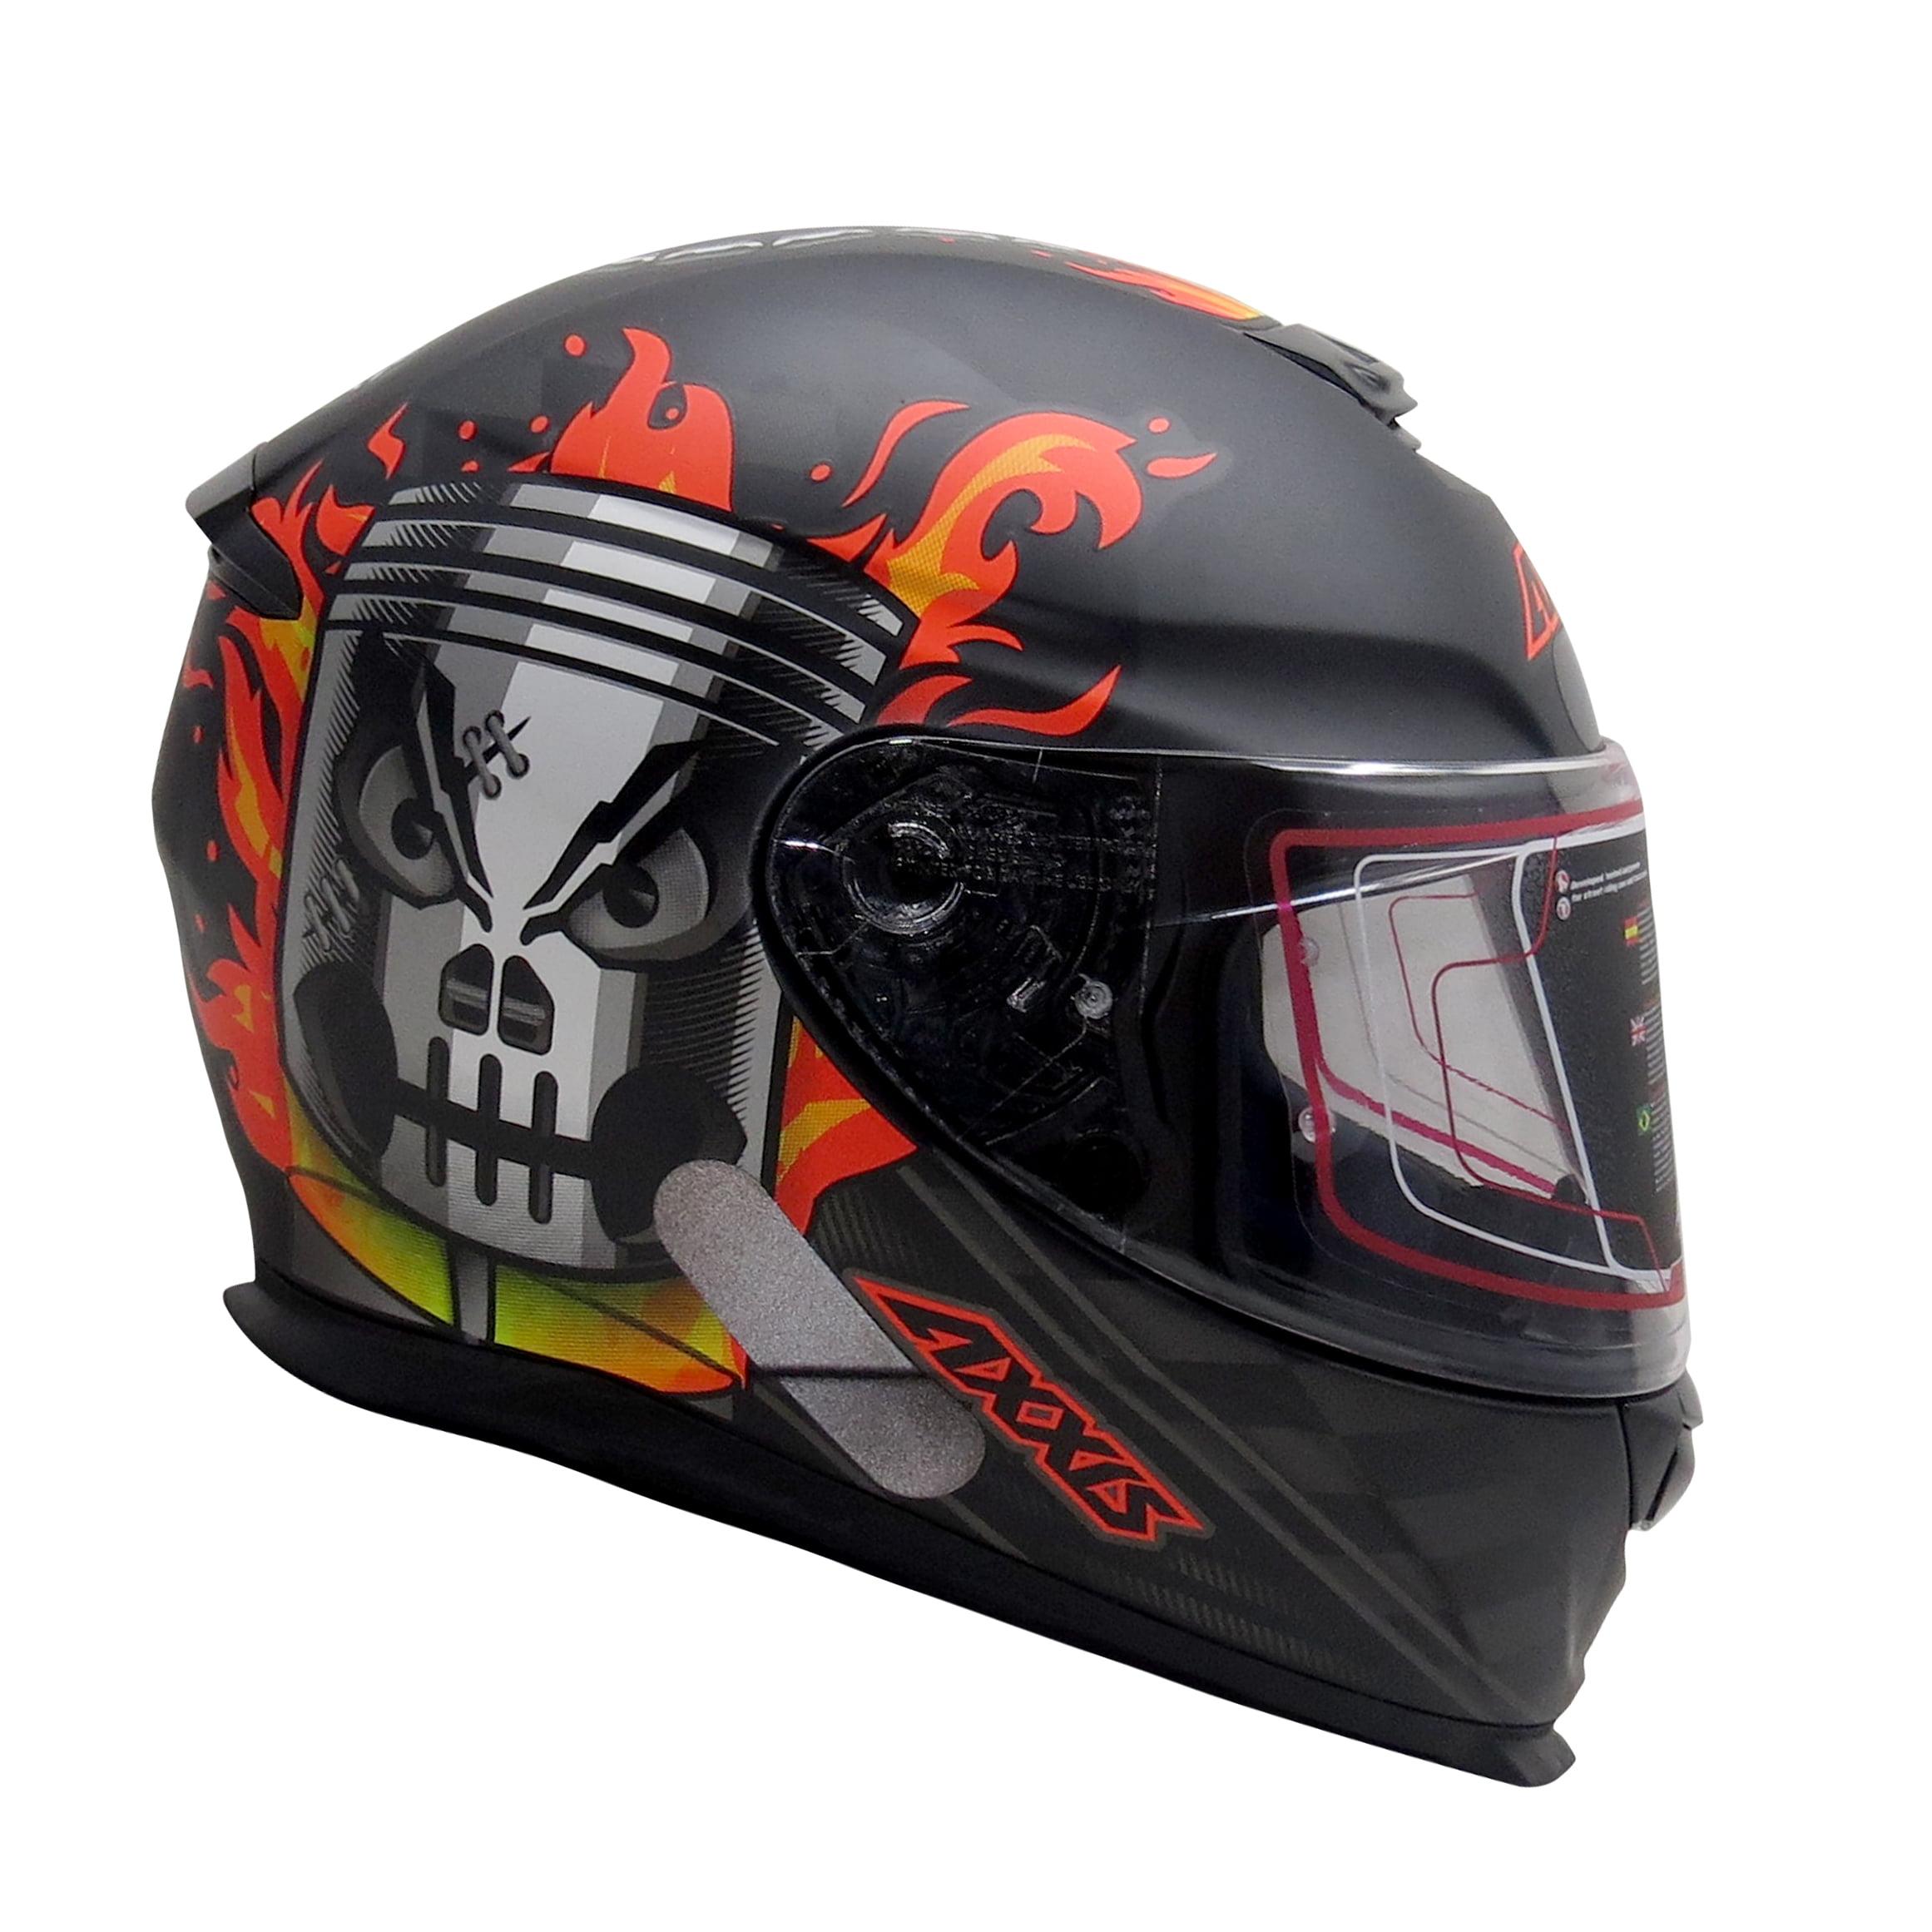 Capacete Axxis Piston Matt Black Orange